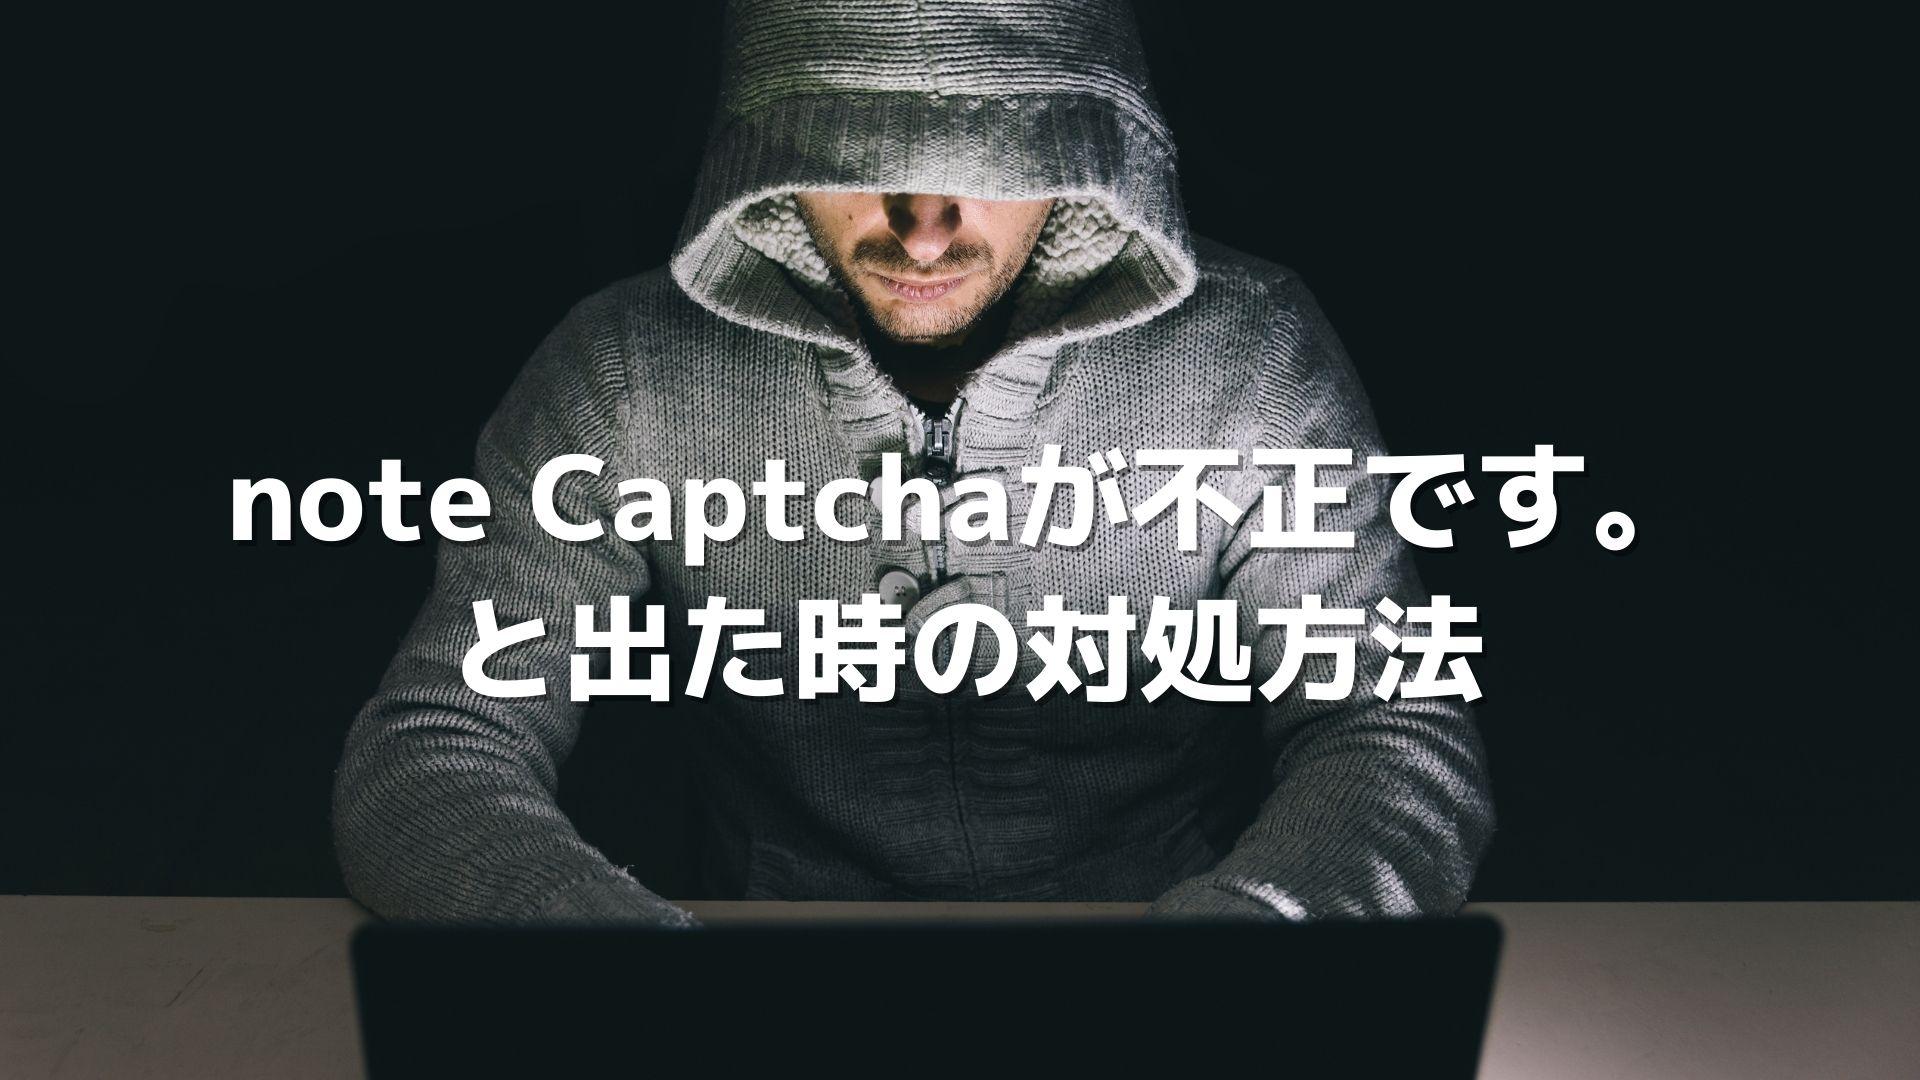 note Captchaが不正です。と出た時の対処方法